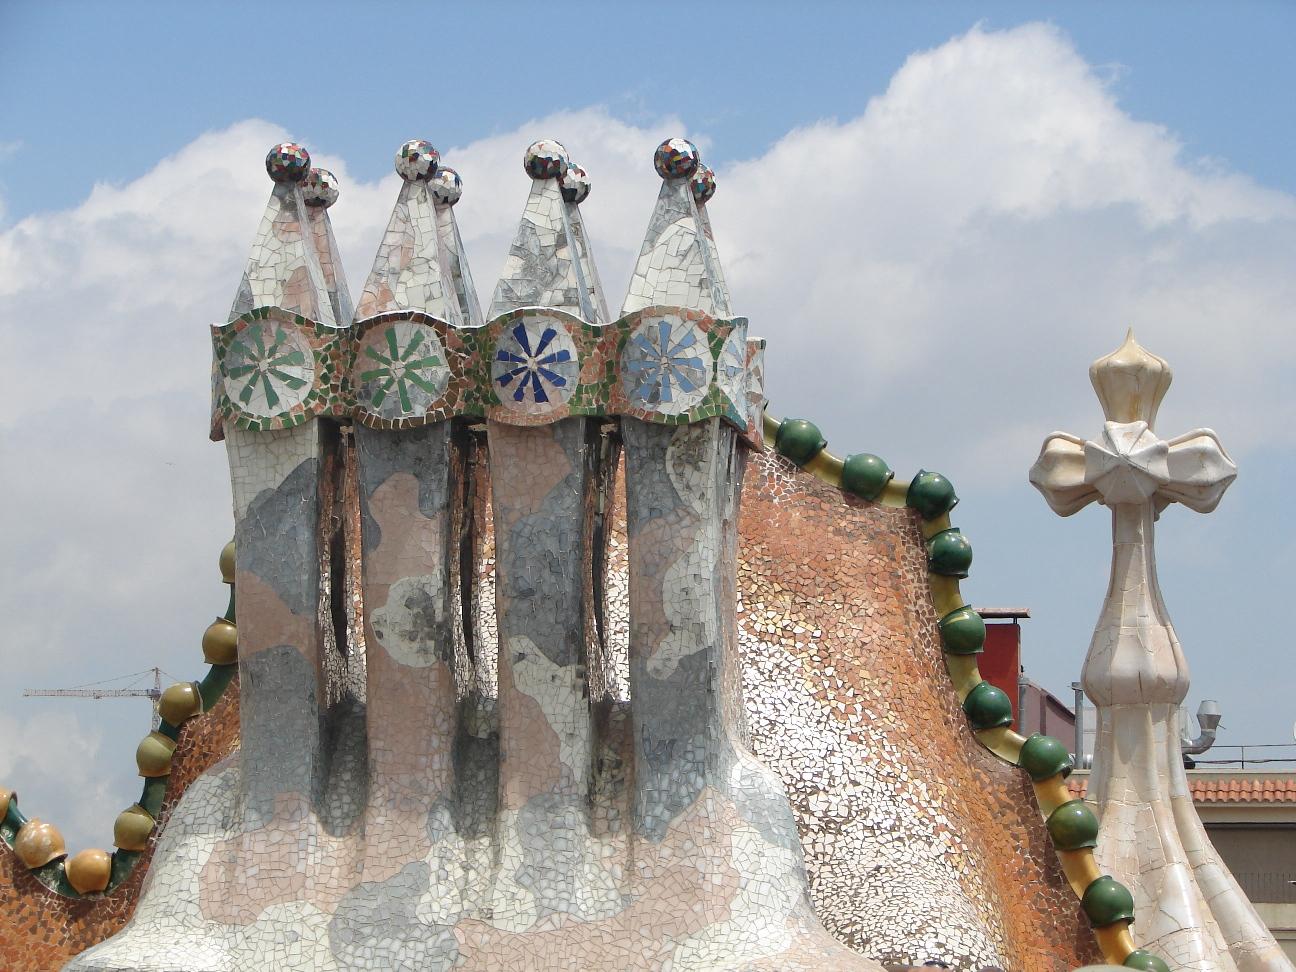 Casa Batlló - Chimneys 2